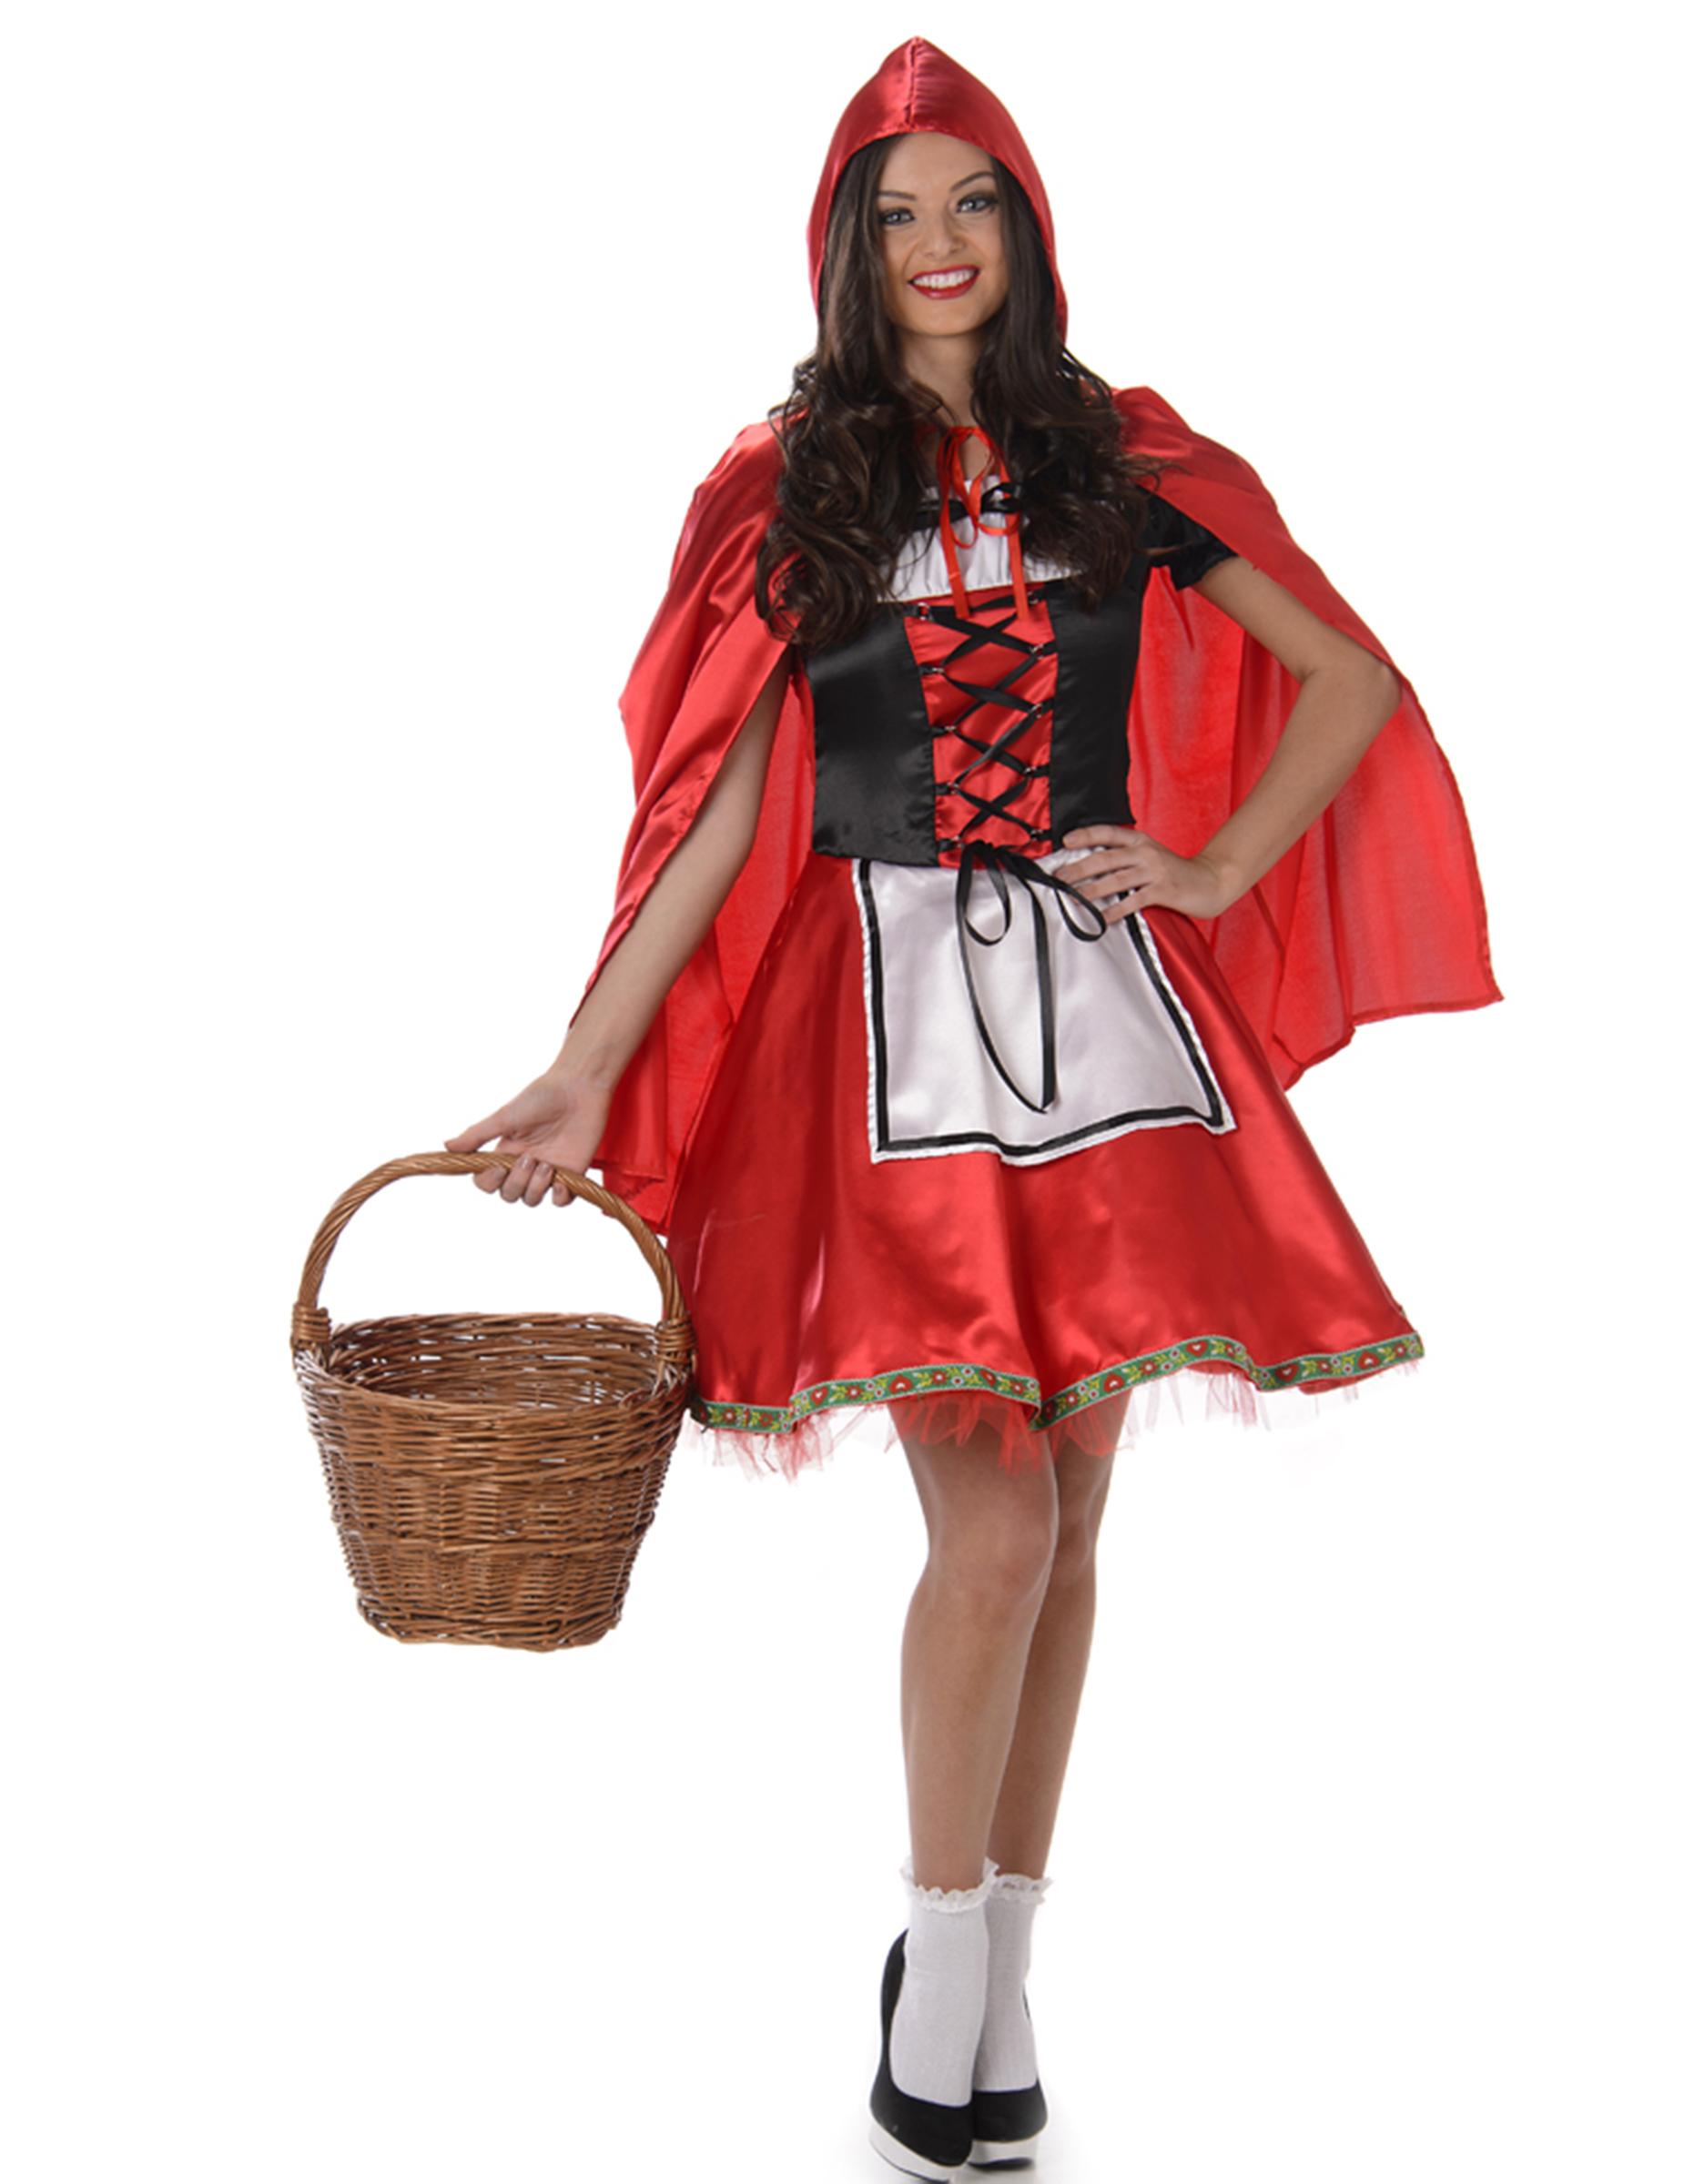 d guisement chaperon rouge femme deguise toi achat de d guisements adultes. Black Bedroom Furniture Sets. Home Design Ideas